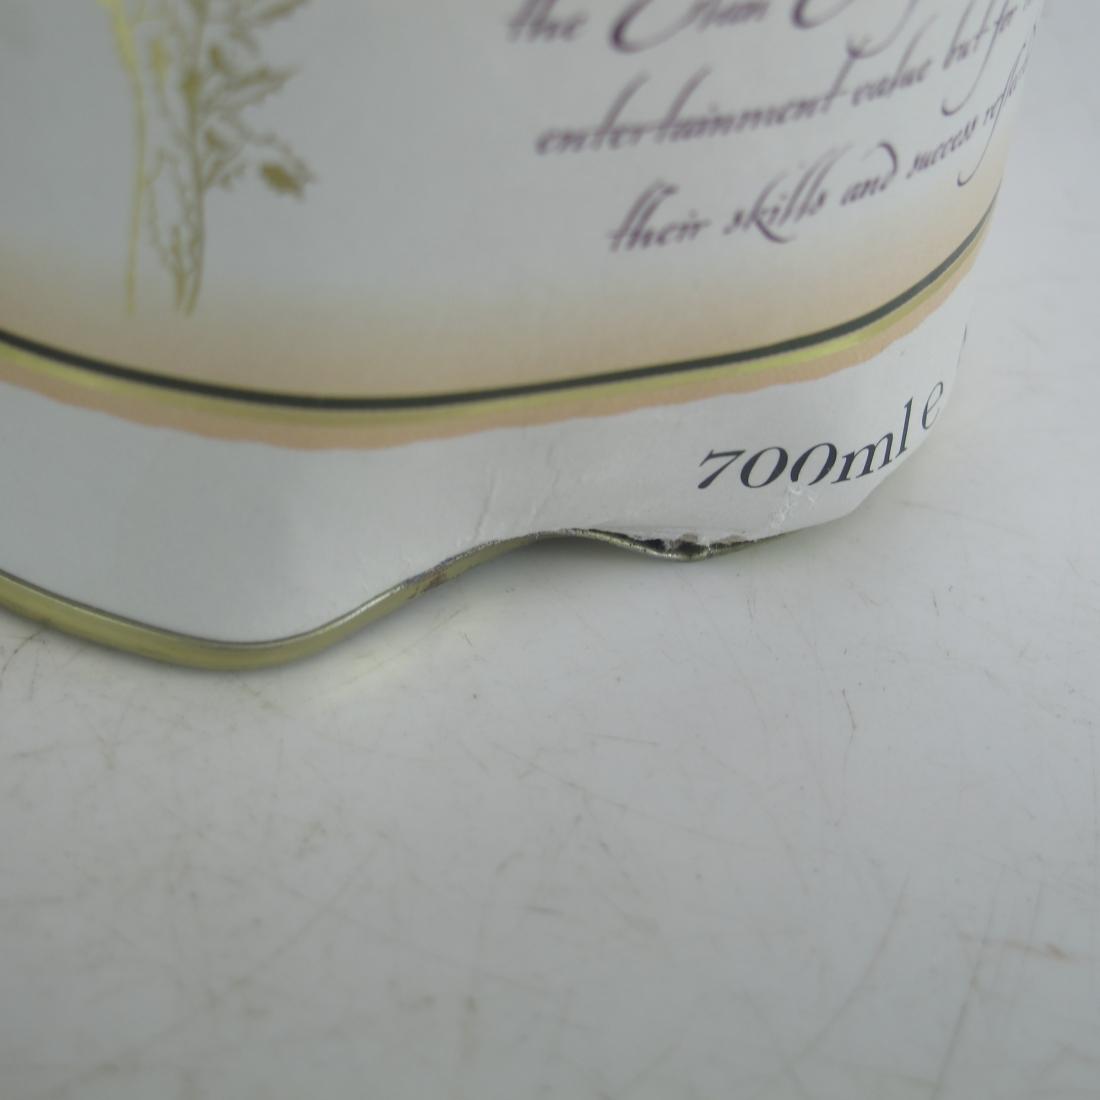 Balnagown Blended Malt